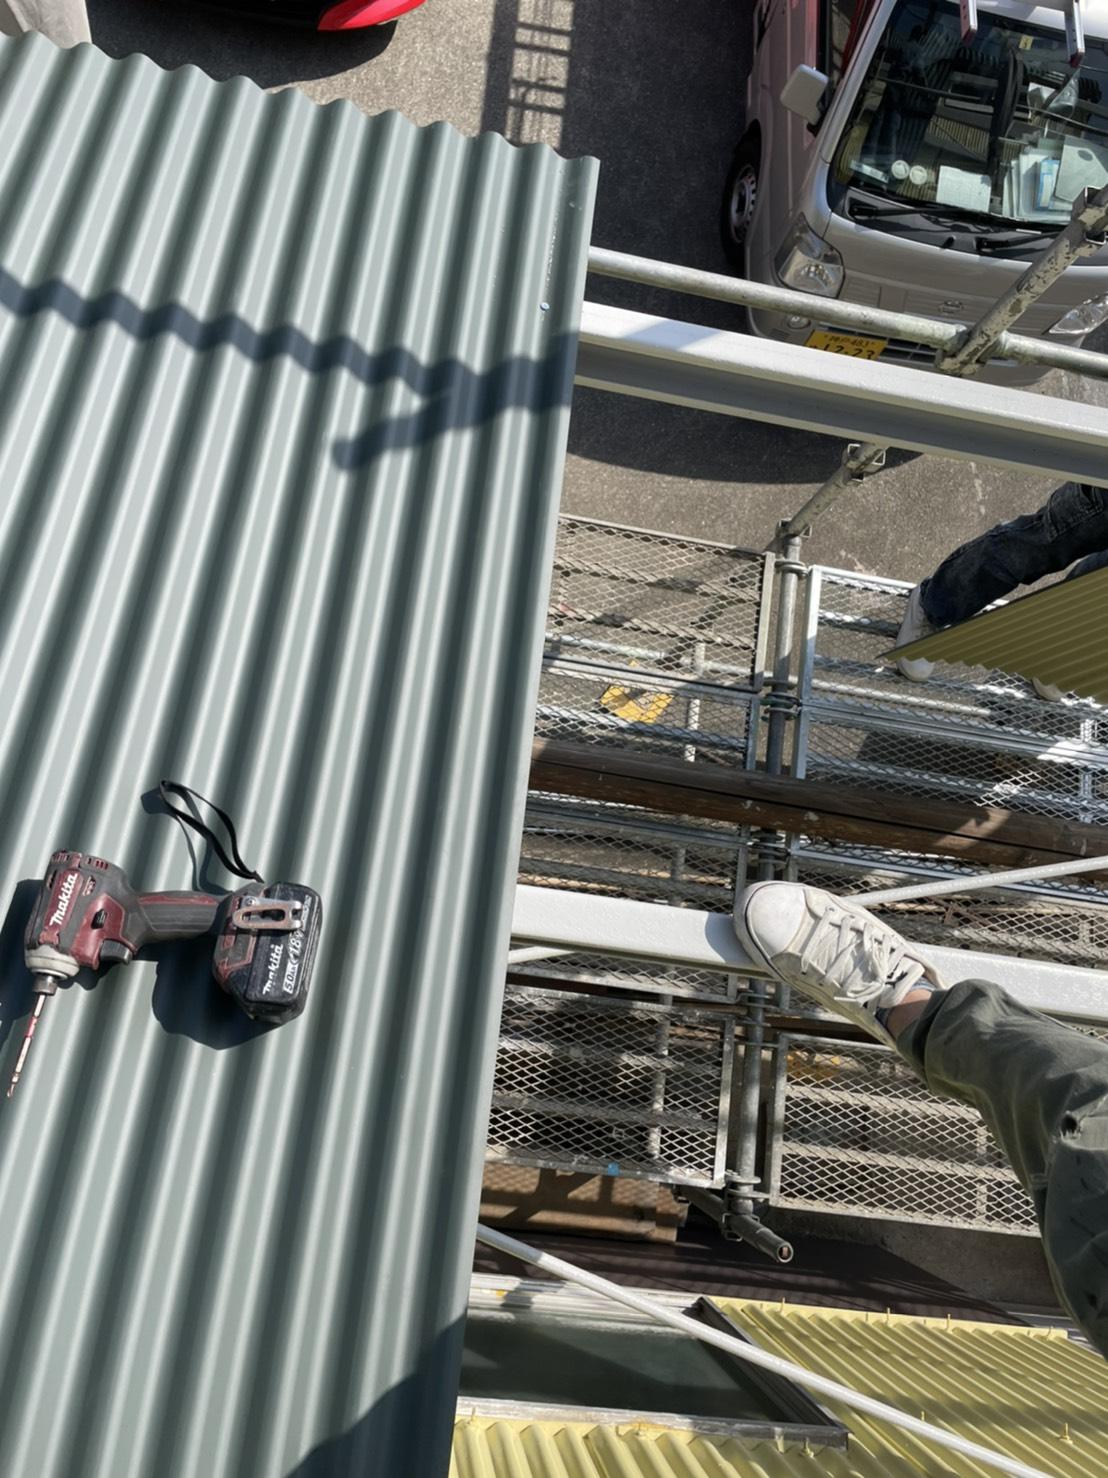 倉庫の庇にガルバリウム鋼板波板を貼っている様子